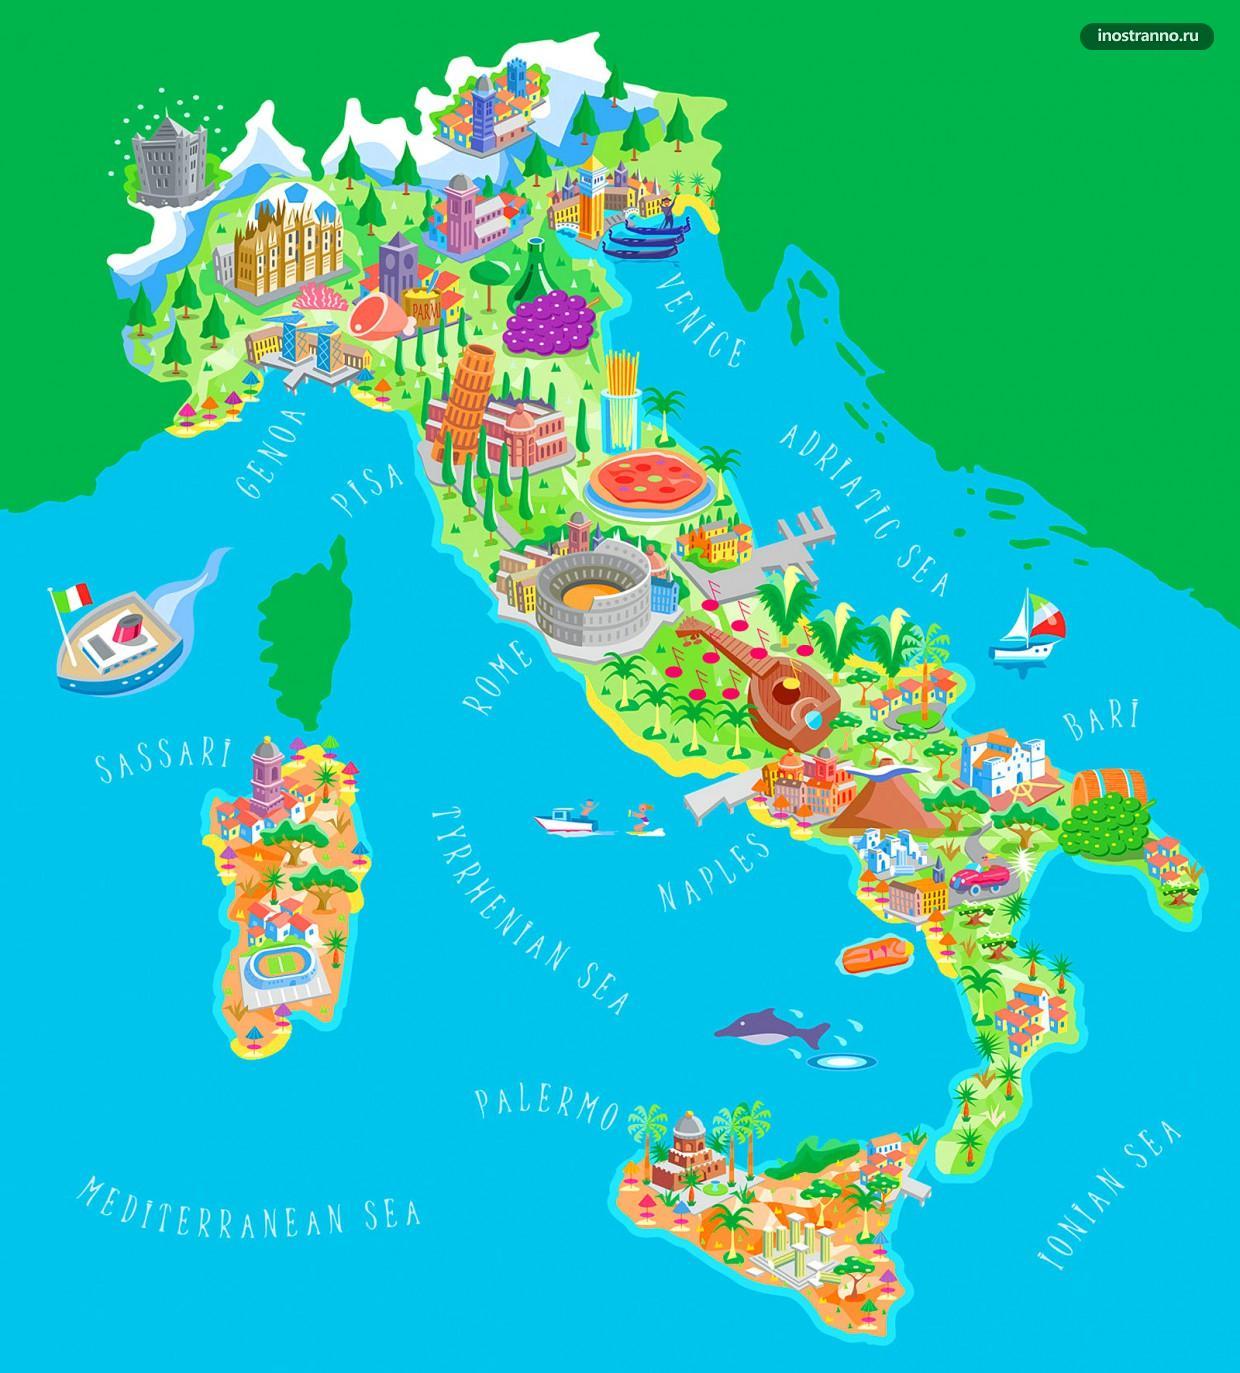 Италия карта достопримечательностей